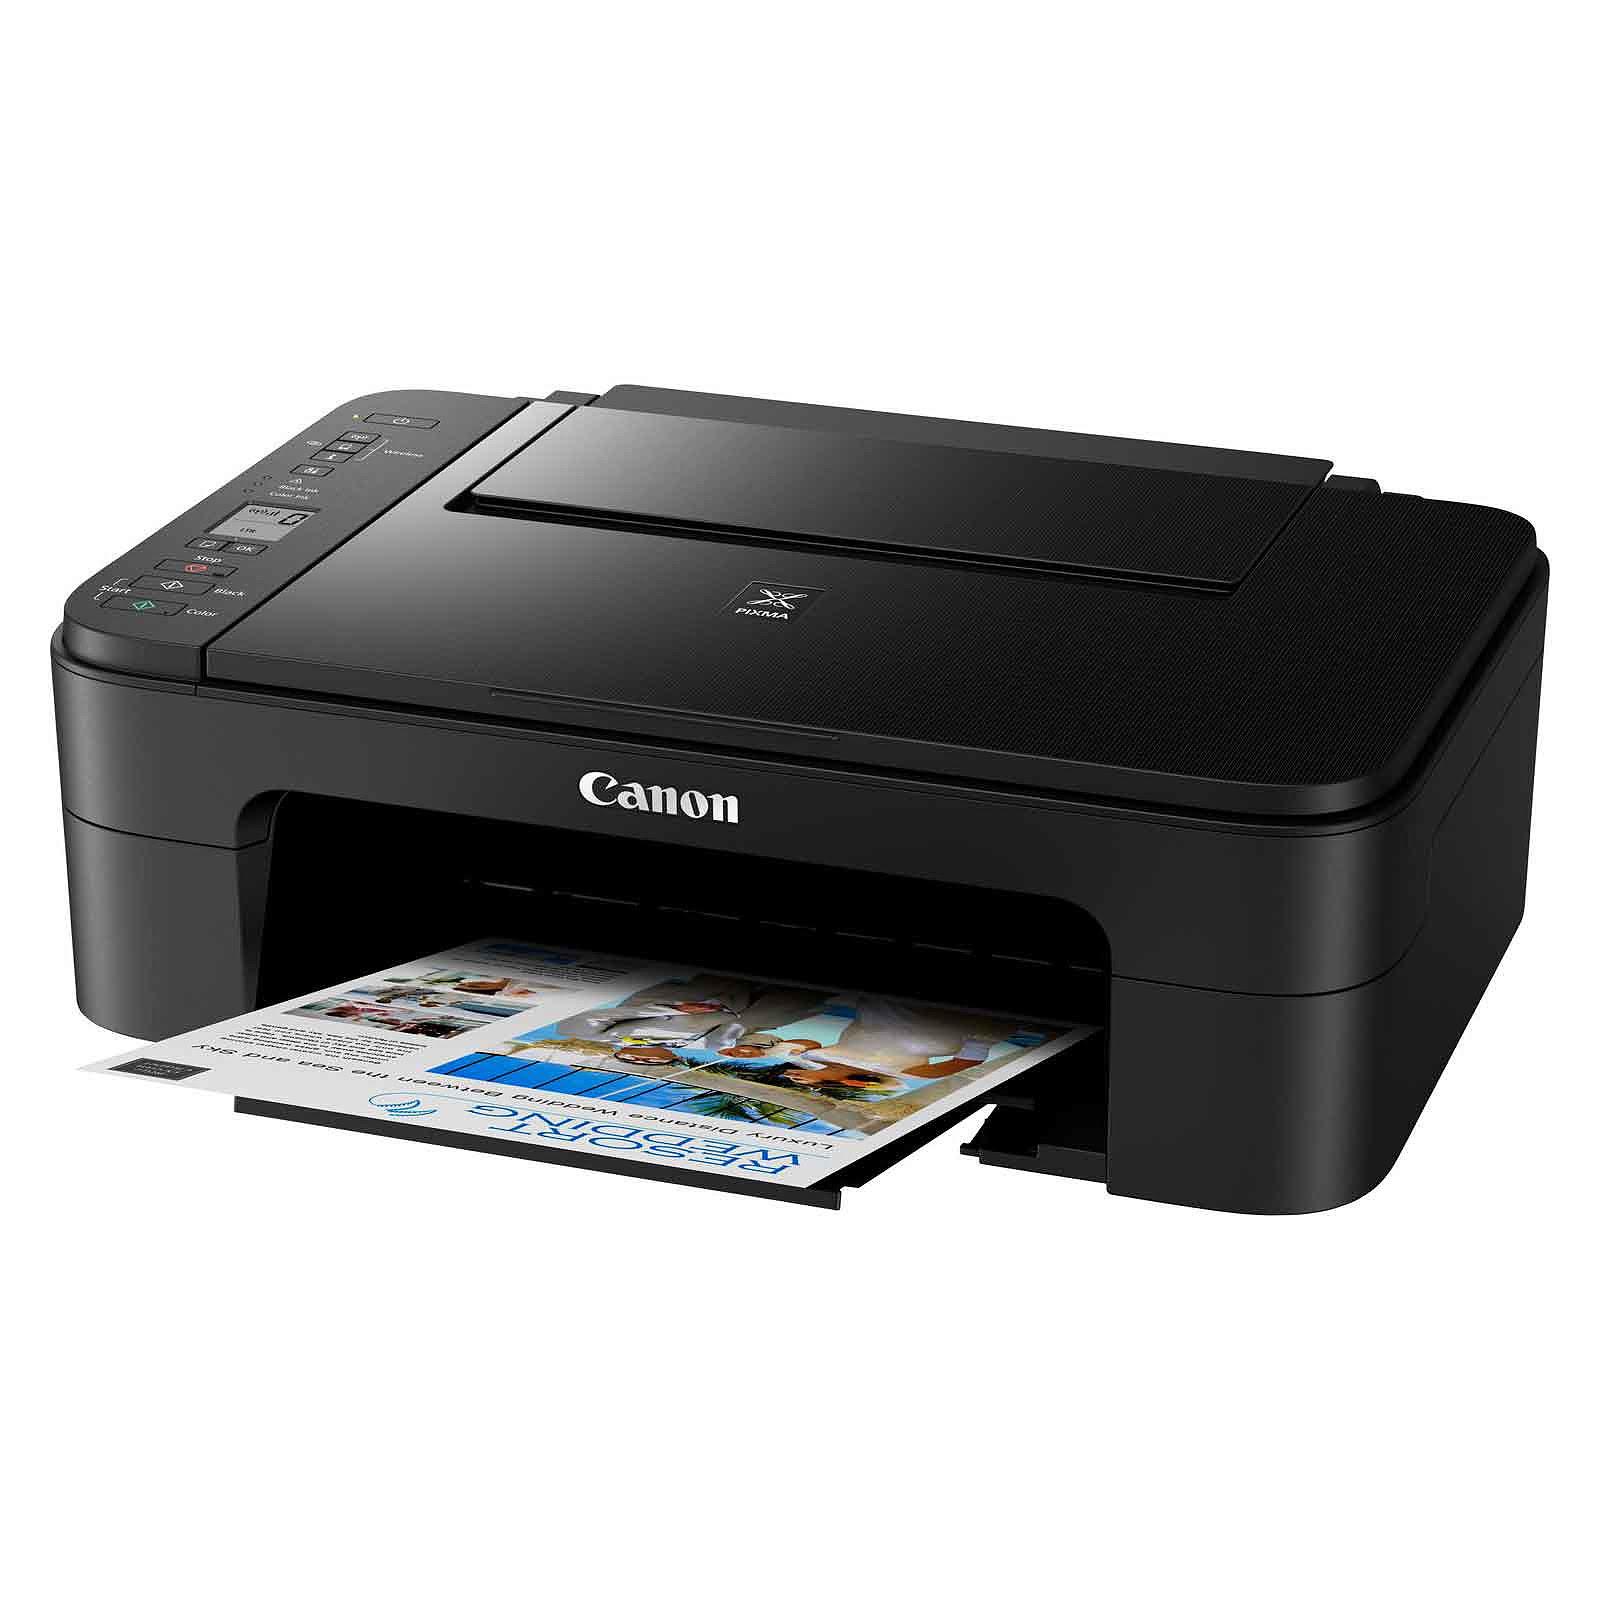 Imprimante multifonction Canon PIXMA TS3350 - Cybertek.fr - 1